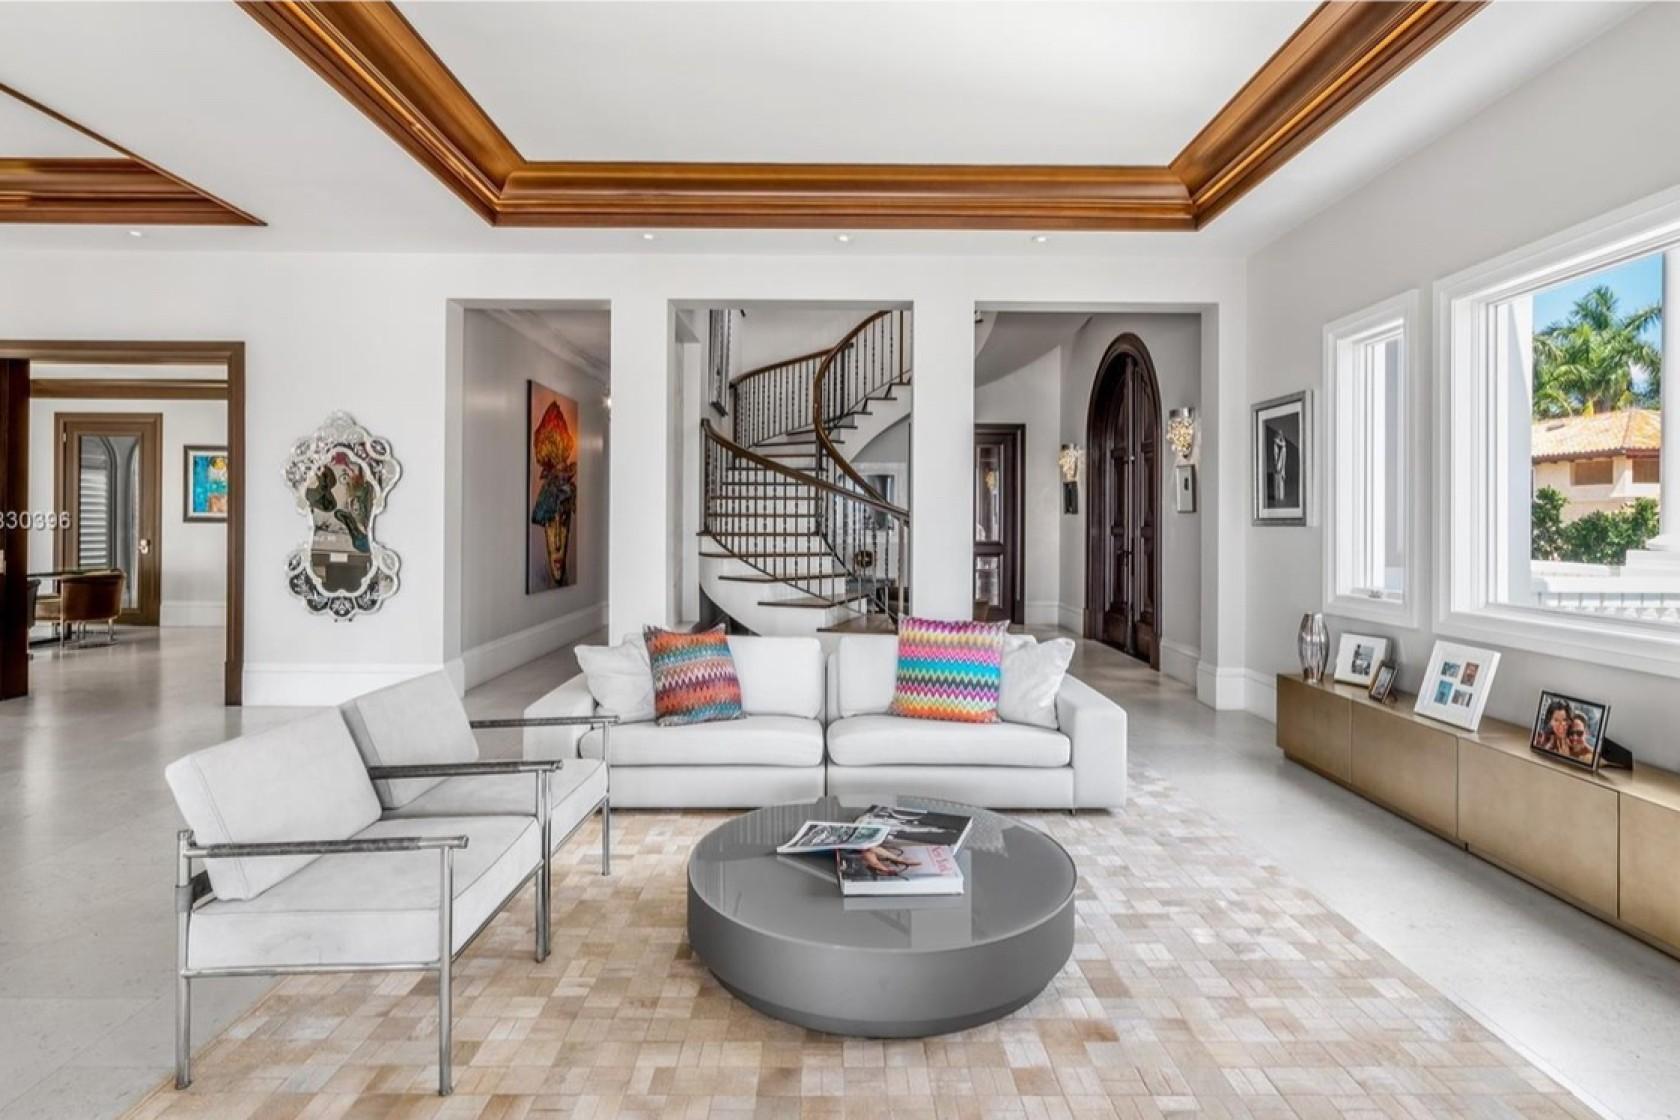 Rumah Bekas LeBron James Dijual Rp210 Miliar